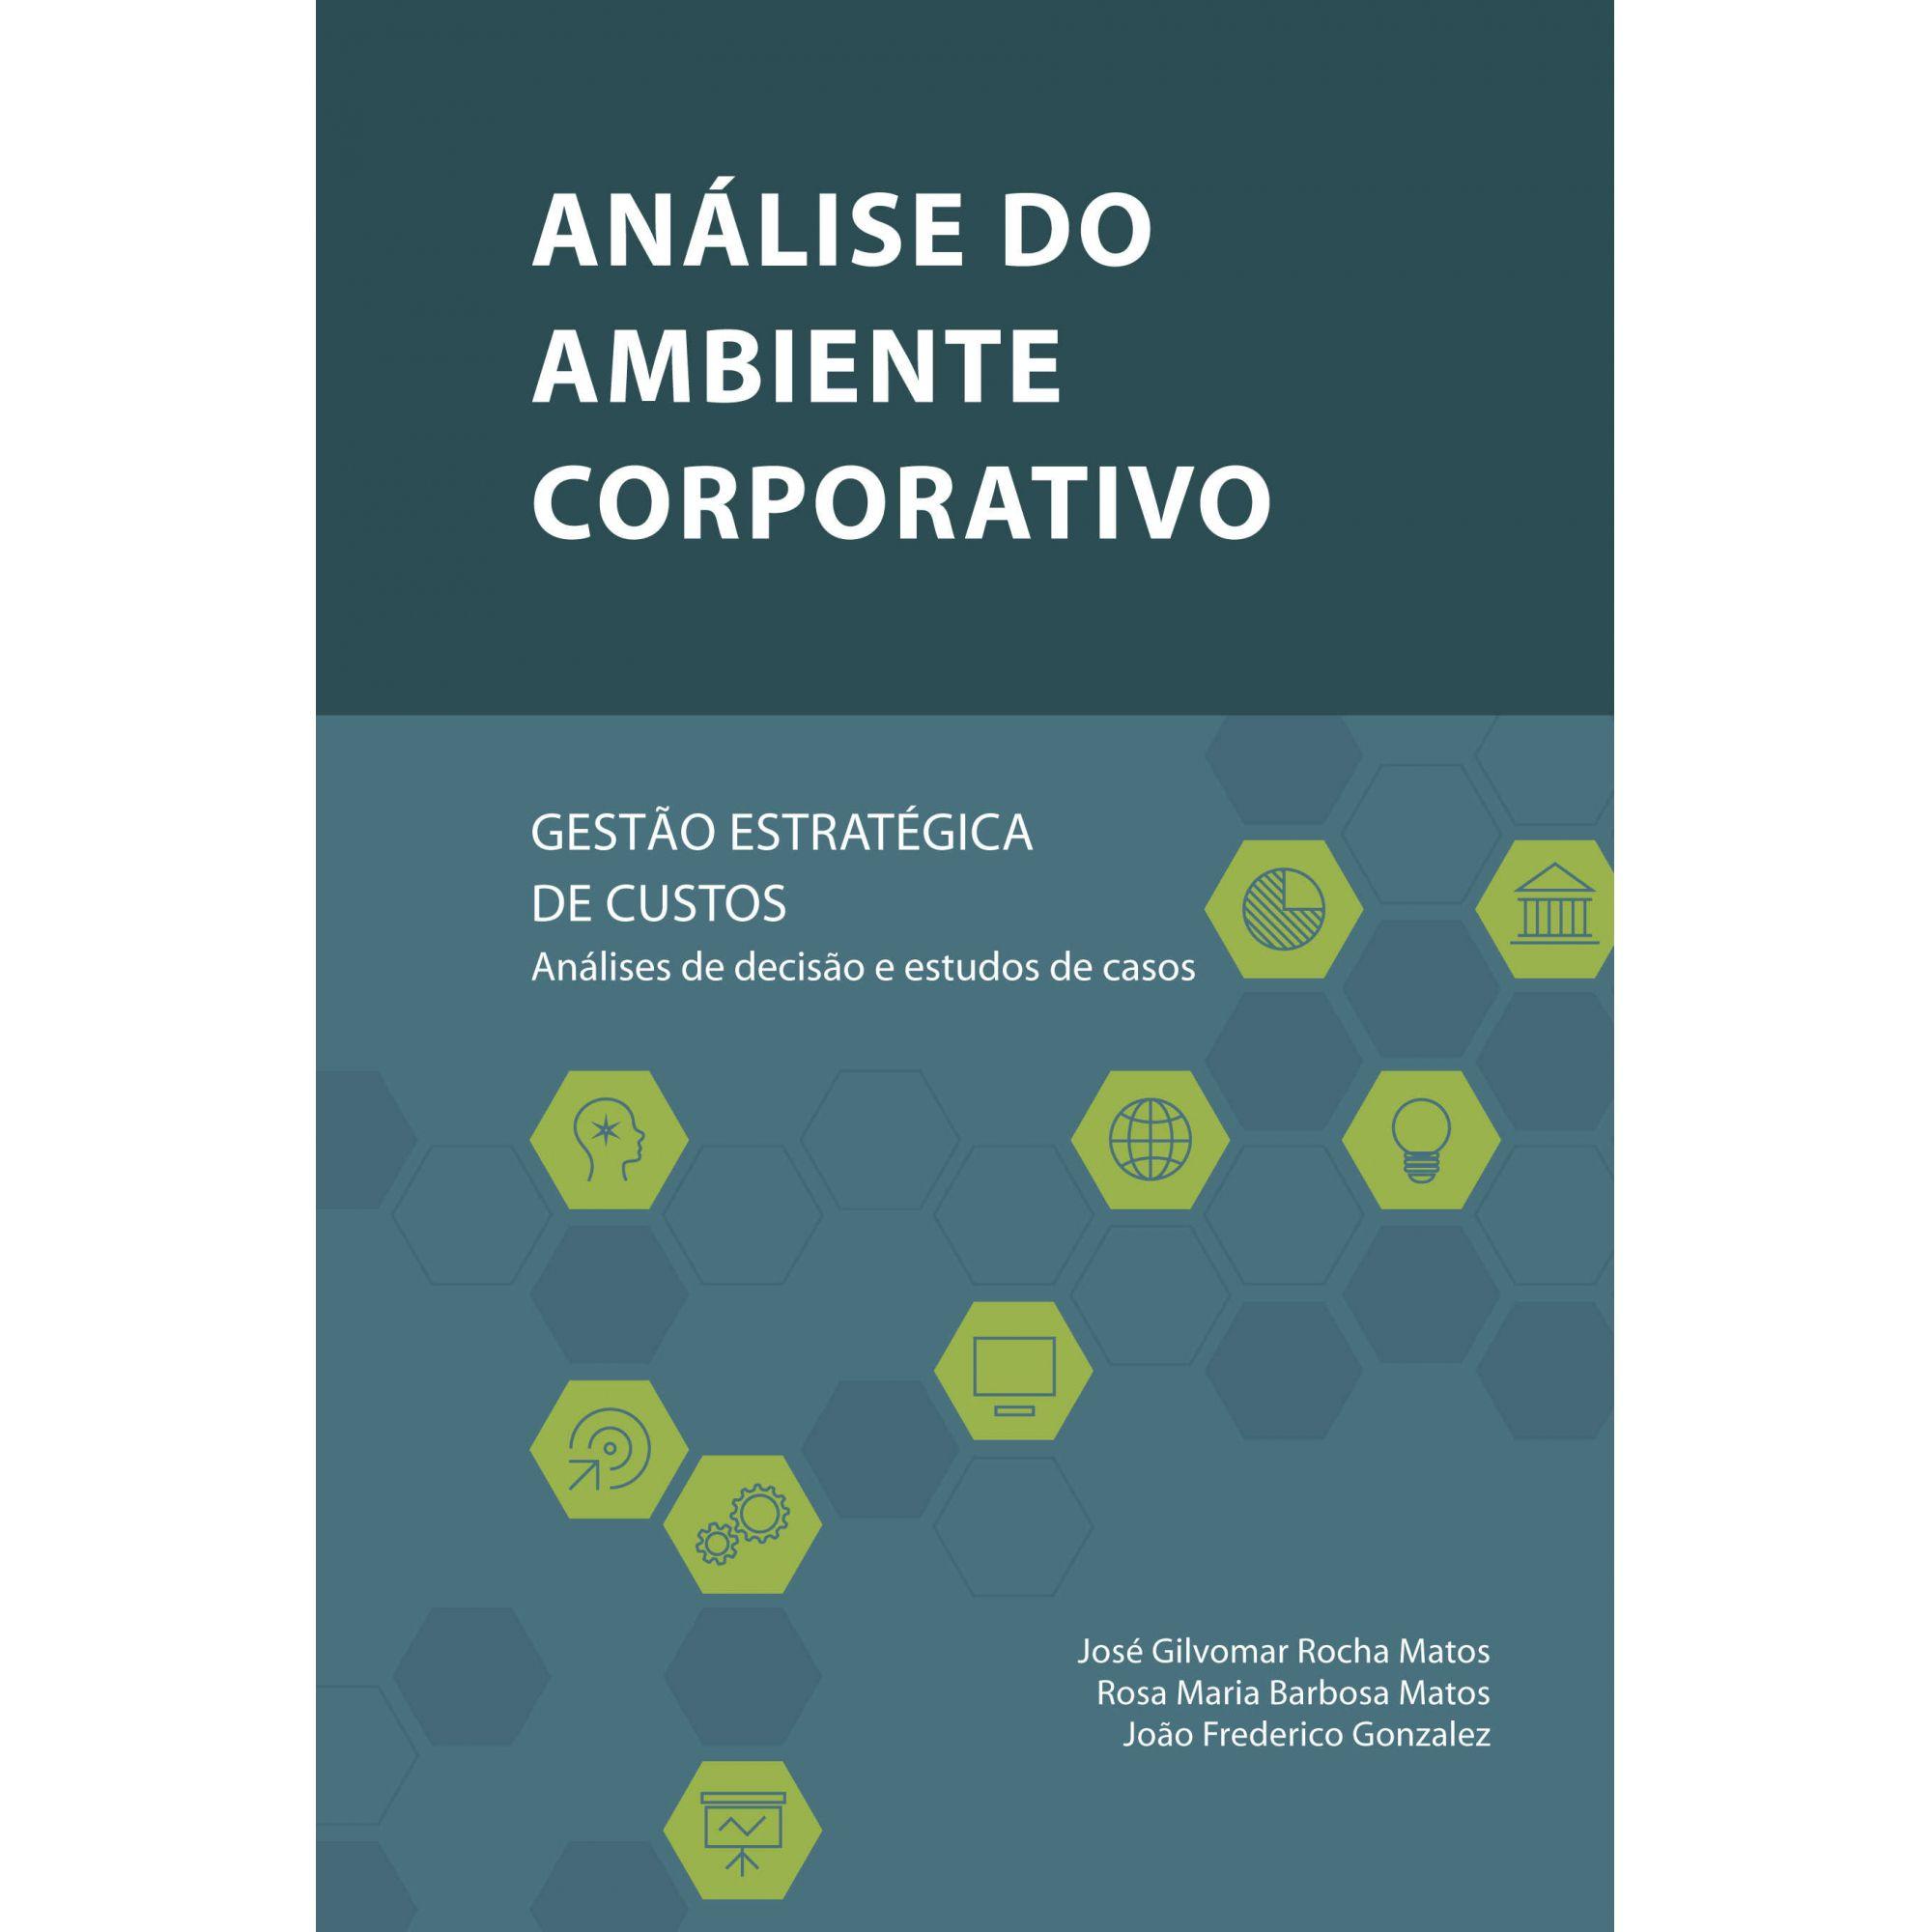 Análise do ambiente corporativo - gestão estratégica de custos: Análises de decisão e estudos de casos